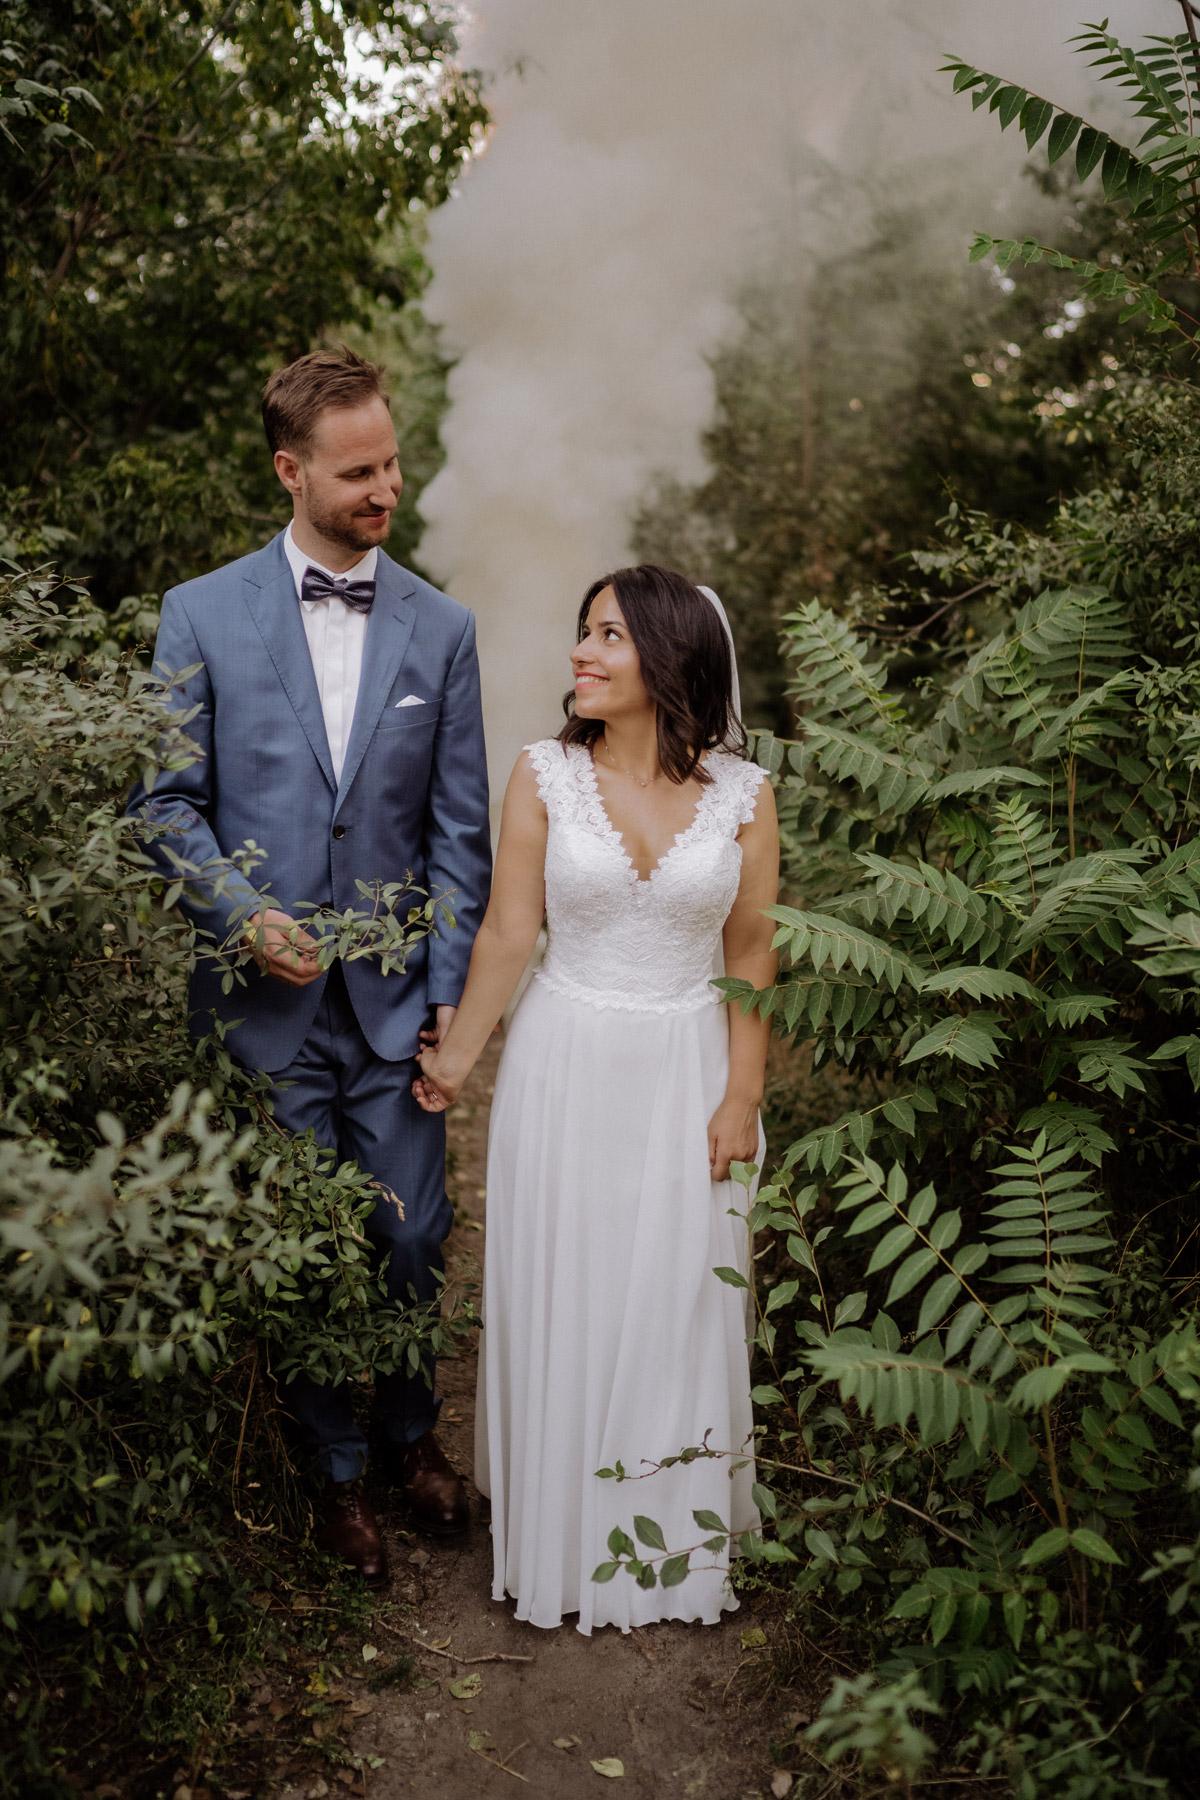 Kreative Hochzeitsfotos: Peppt euer Shooting mit Rauchfackel oder Rauchbombe auf - alle Tipps im Blog von © www.hochzeitslicht.de #hochzeitslicht #hochzeitsidee #hochzeitstipp #hochzeitsfoto